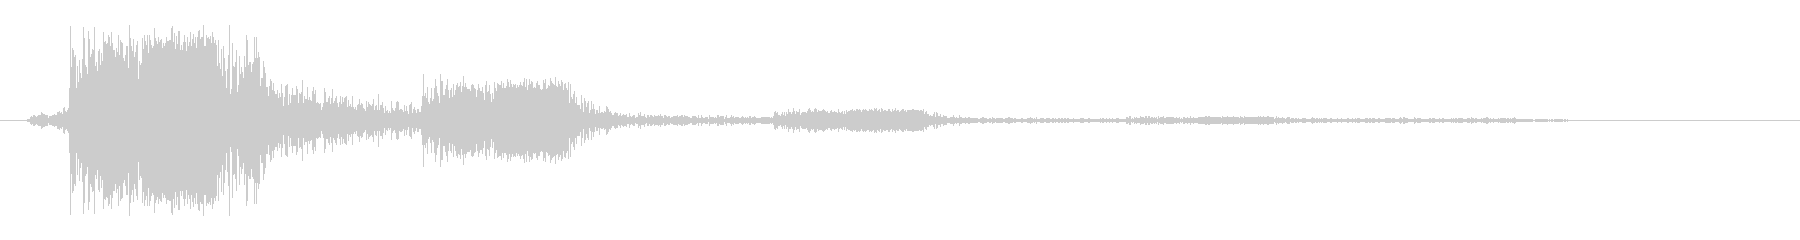 ビュンッ→消える(スピード感ある高音)の未再生の波形